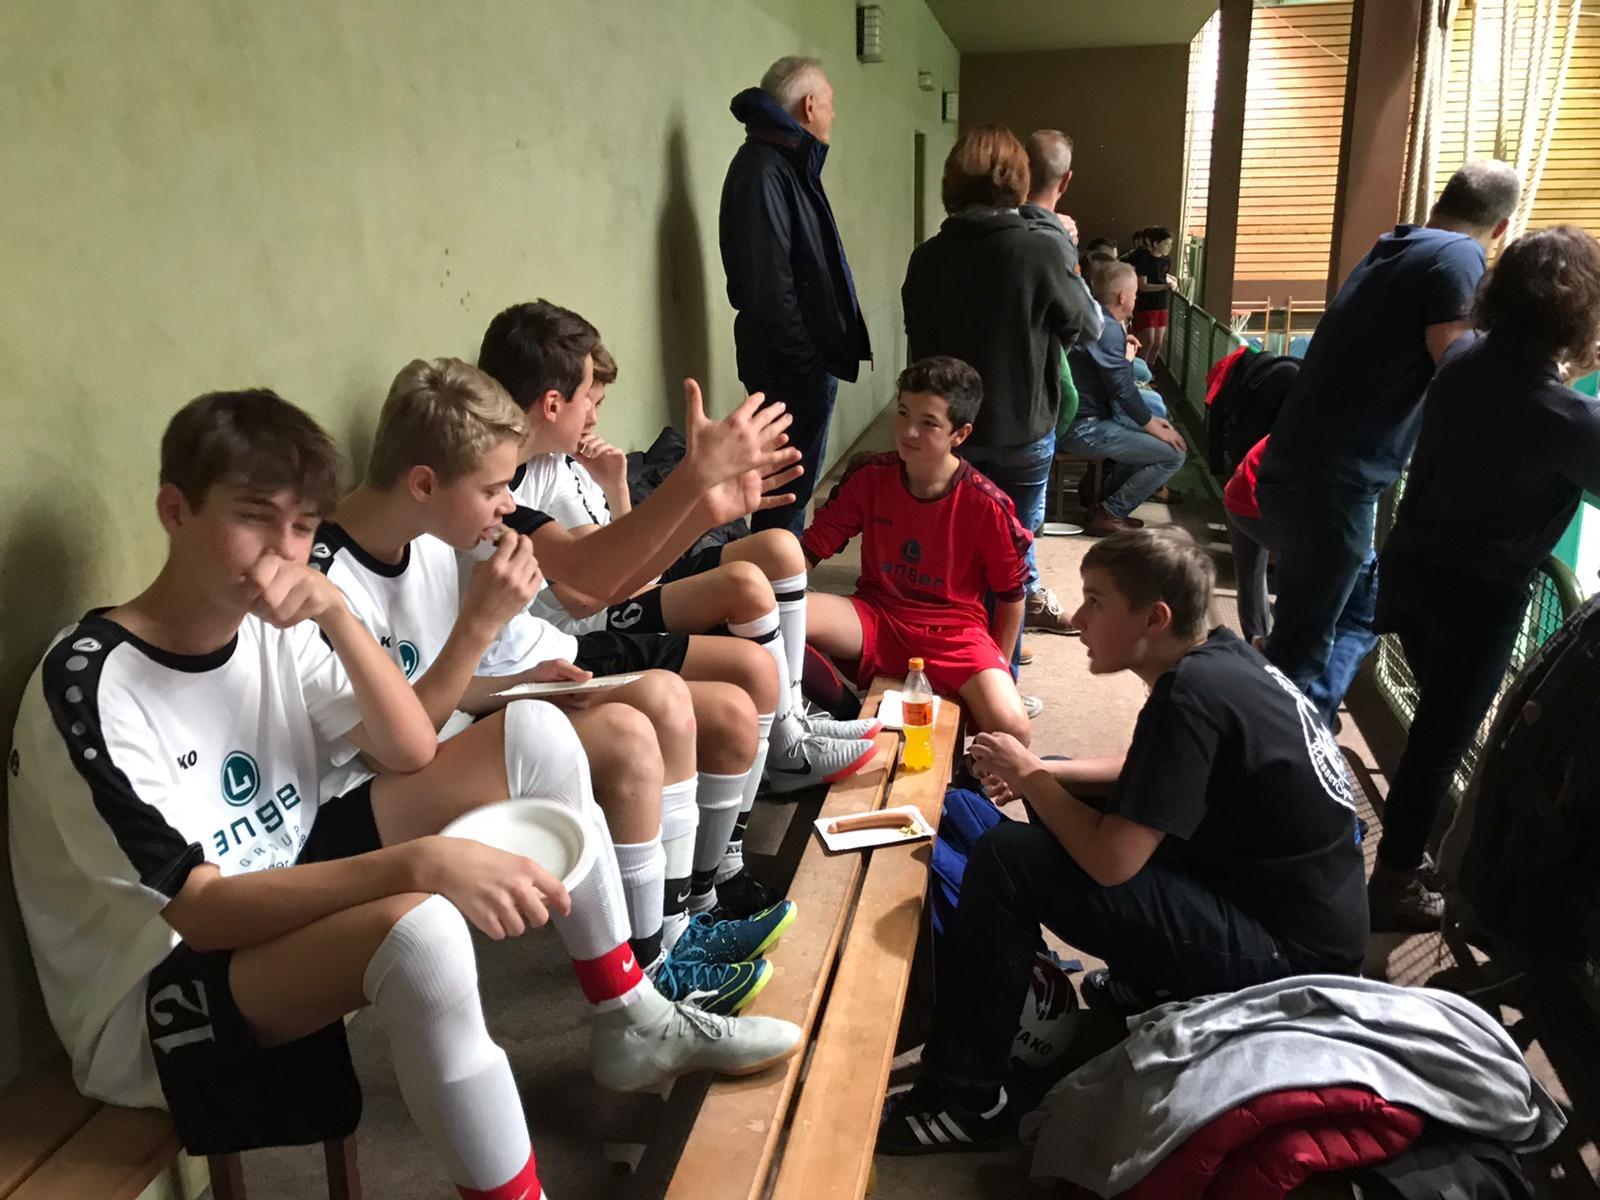 Jugendfußballturnier_5.JPG